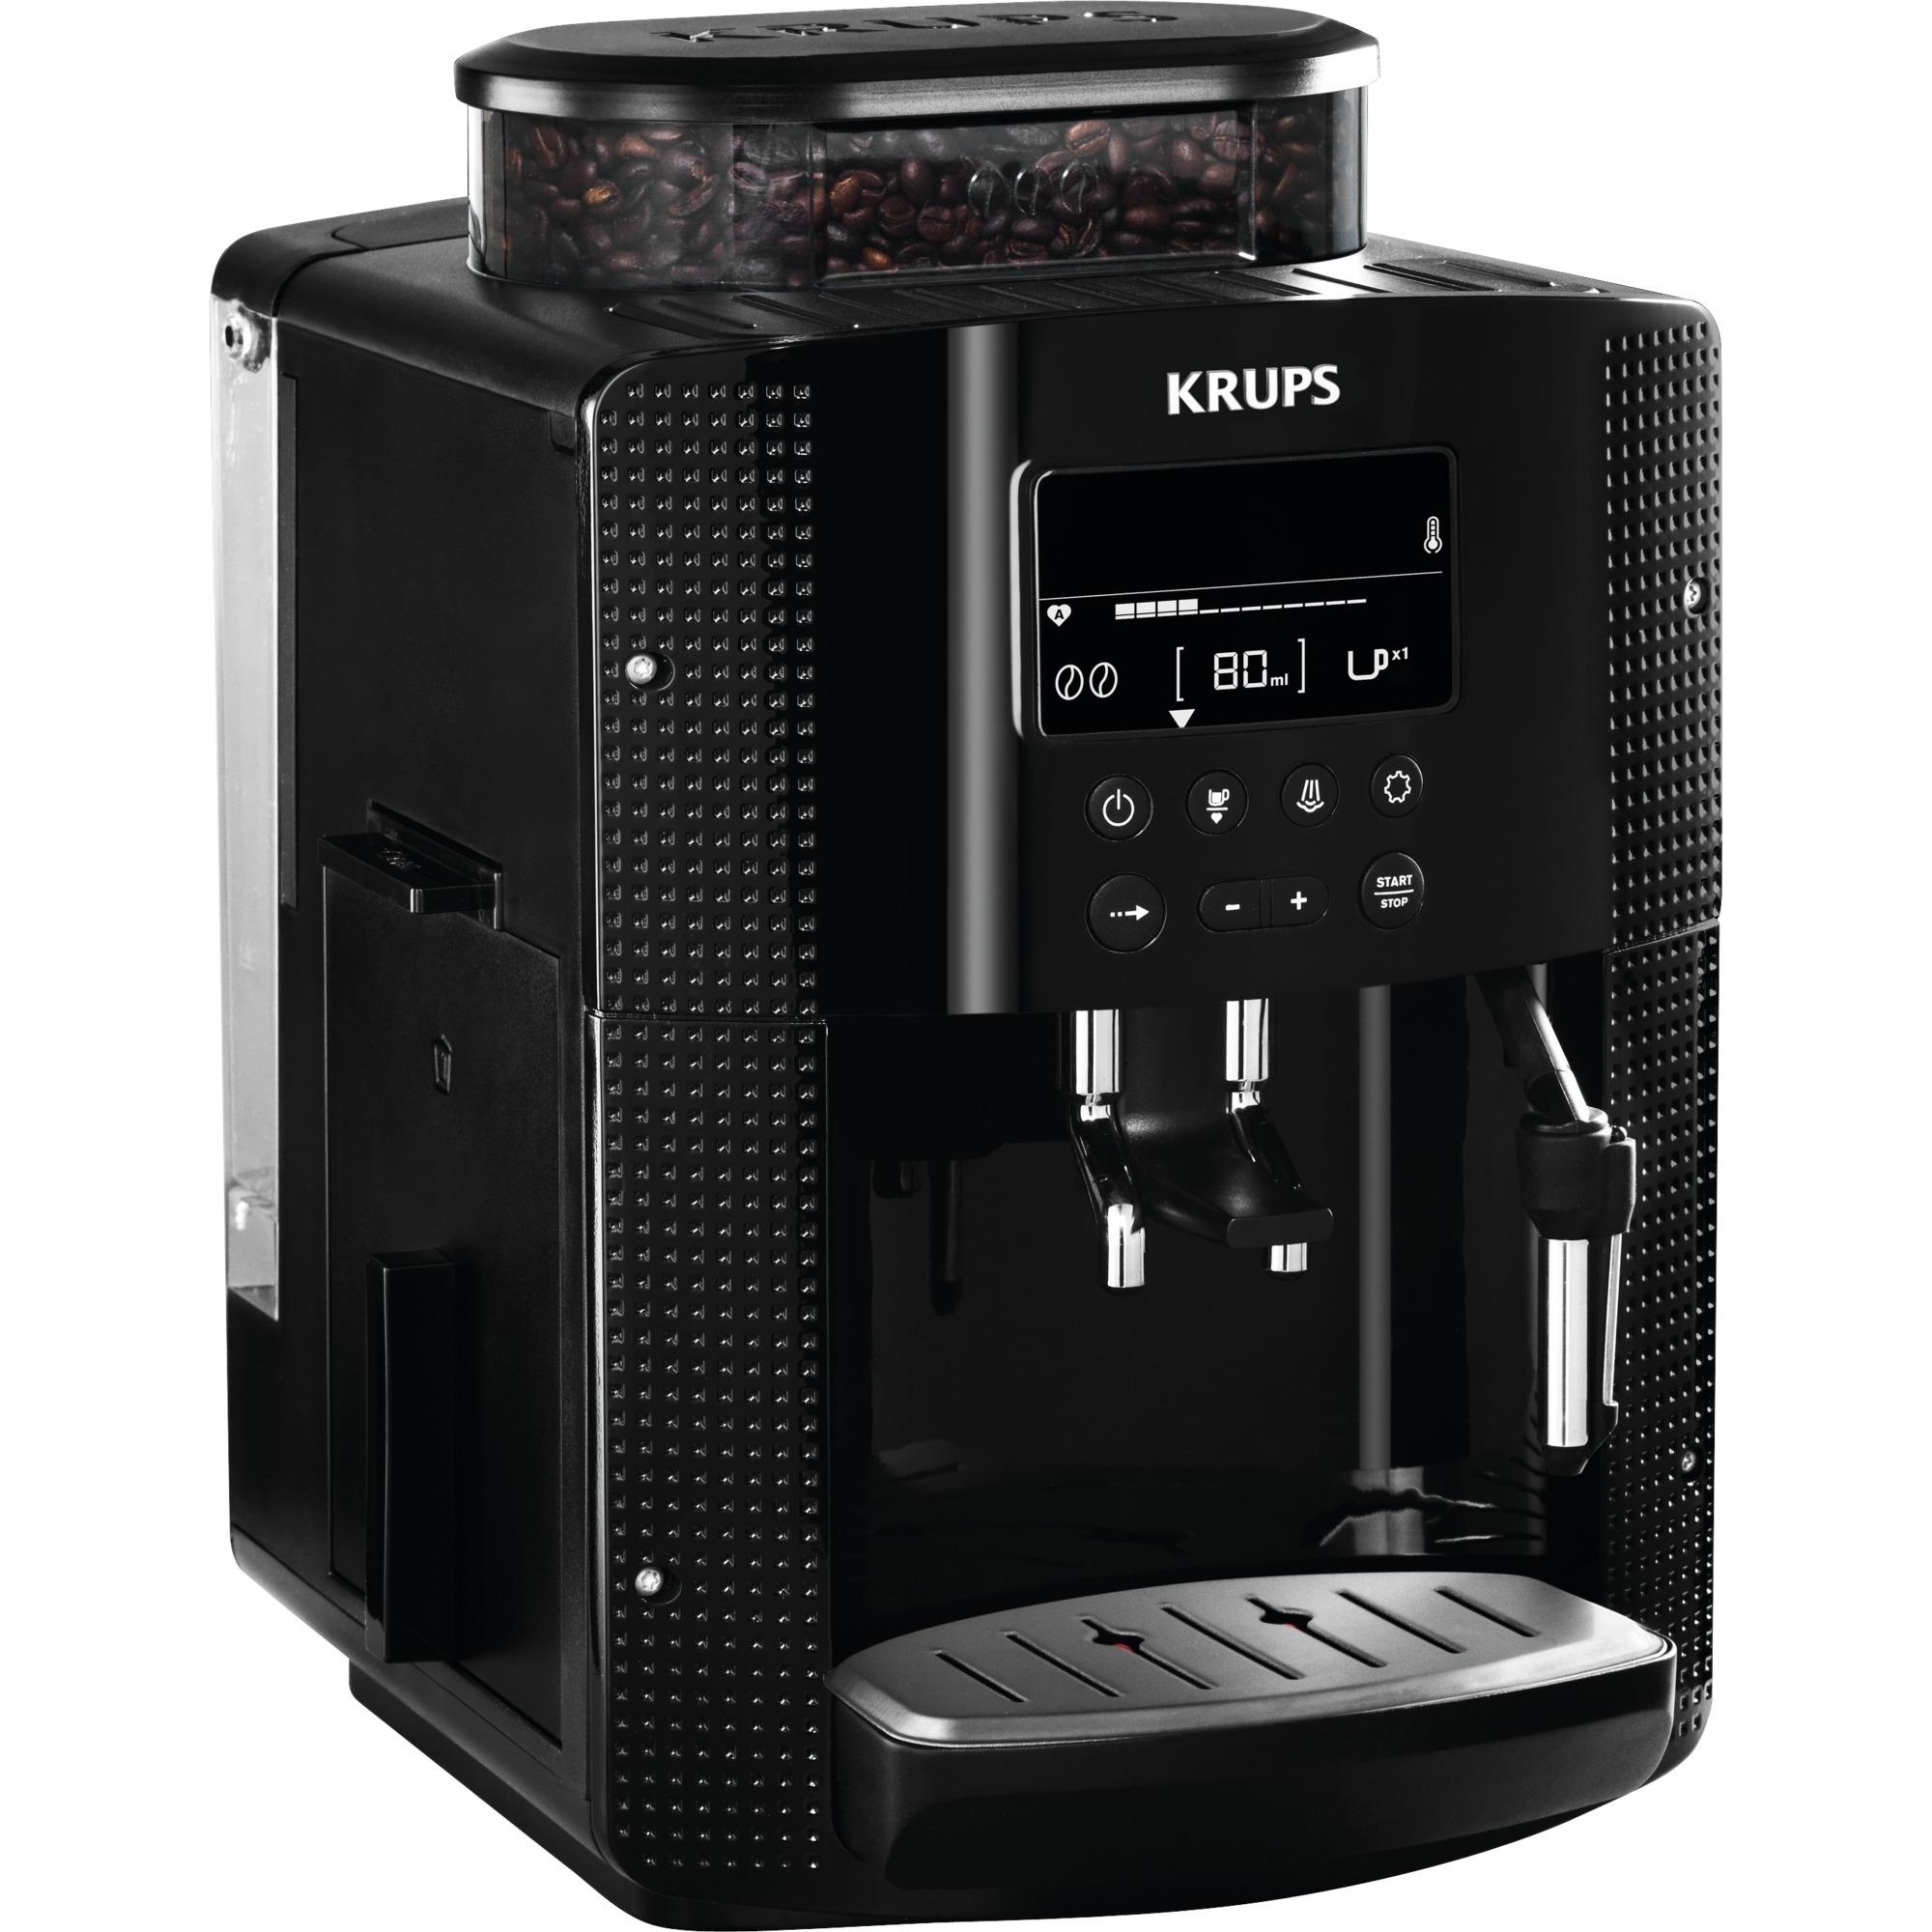 EA8150 cafetera eléctrica Independiente Máquina espresso Negro 1,7 L 2 tazas Totalmente automática, Superautomática